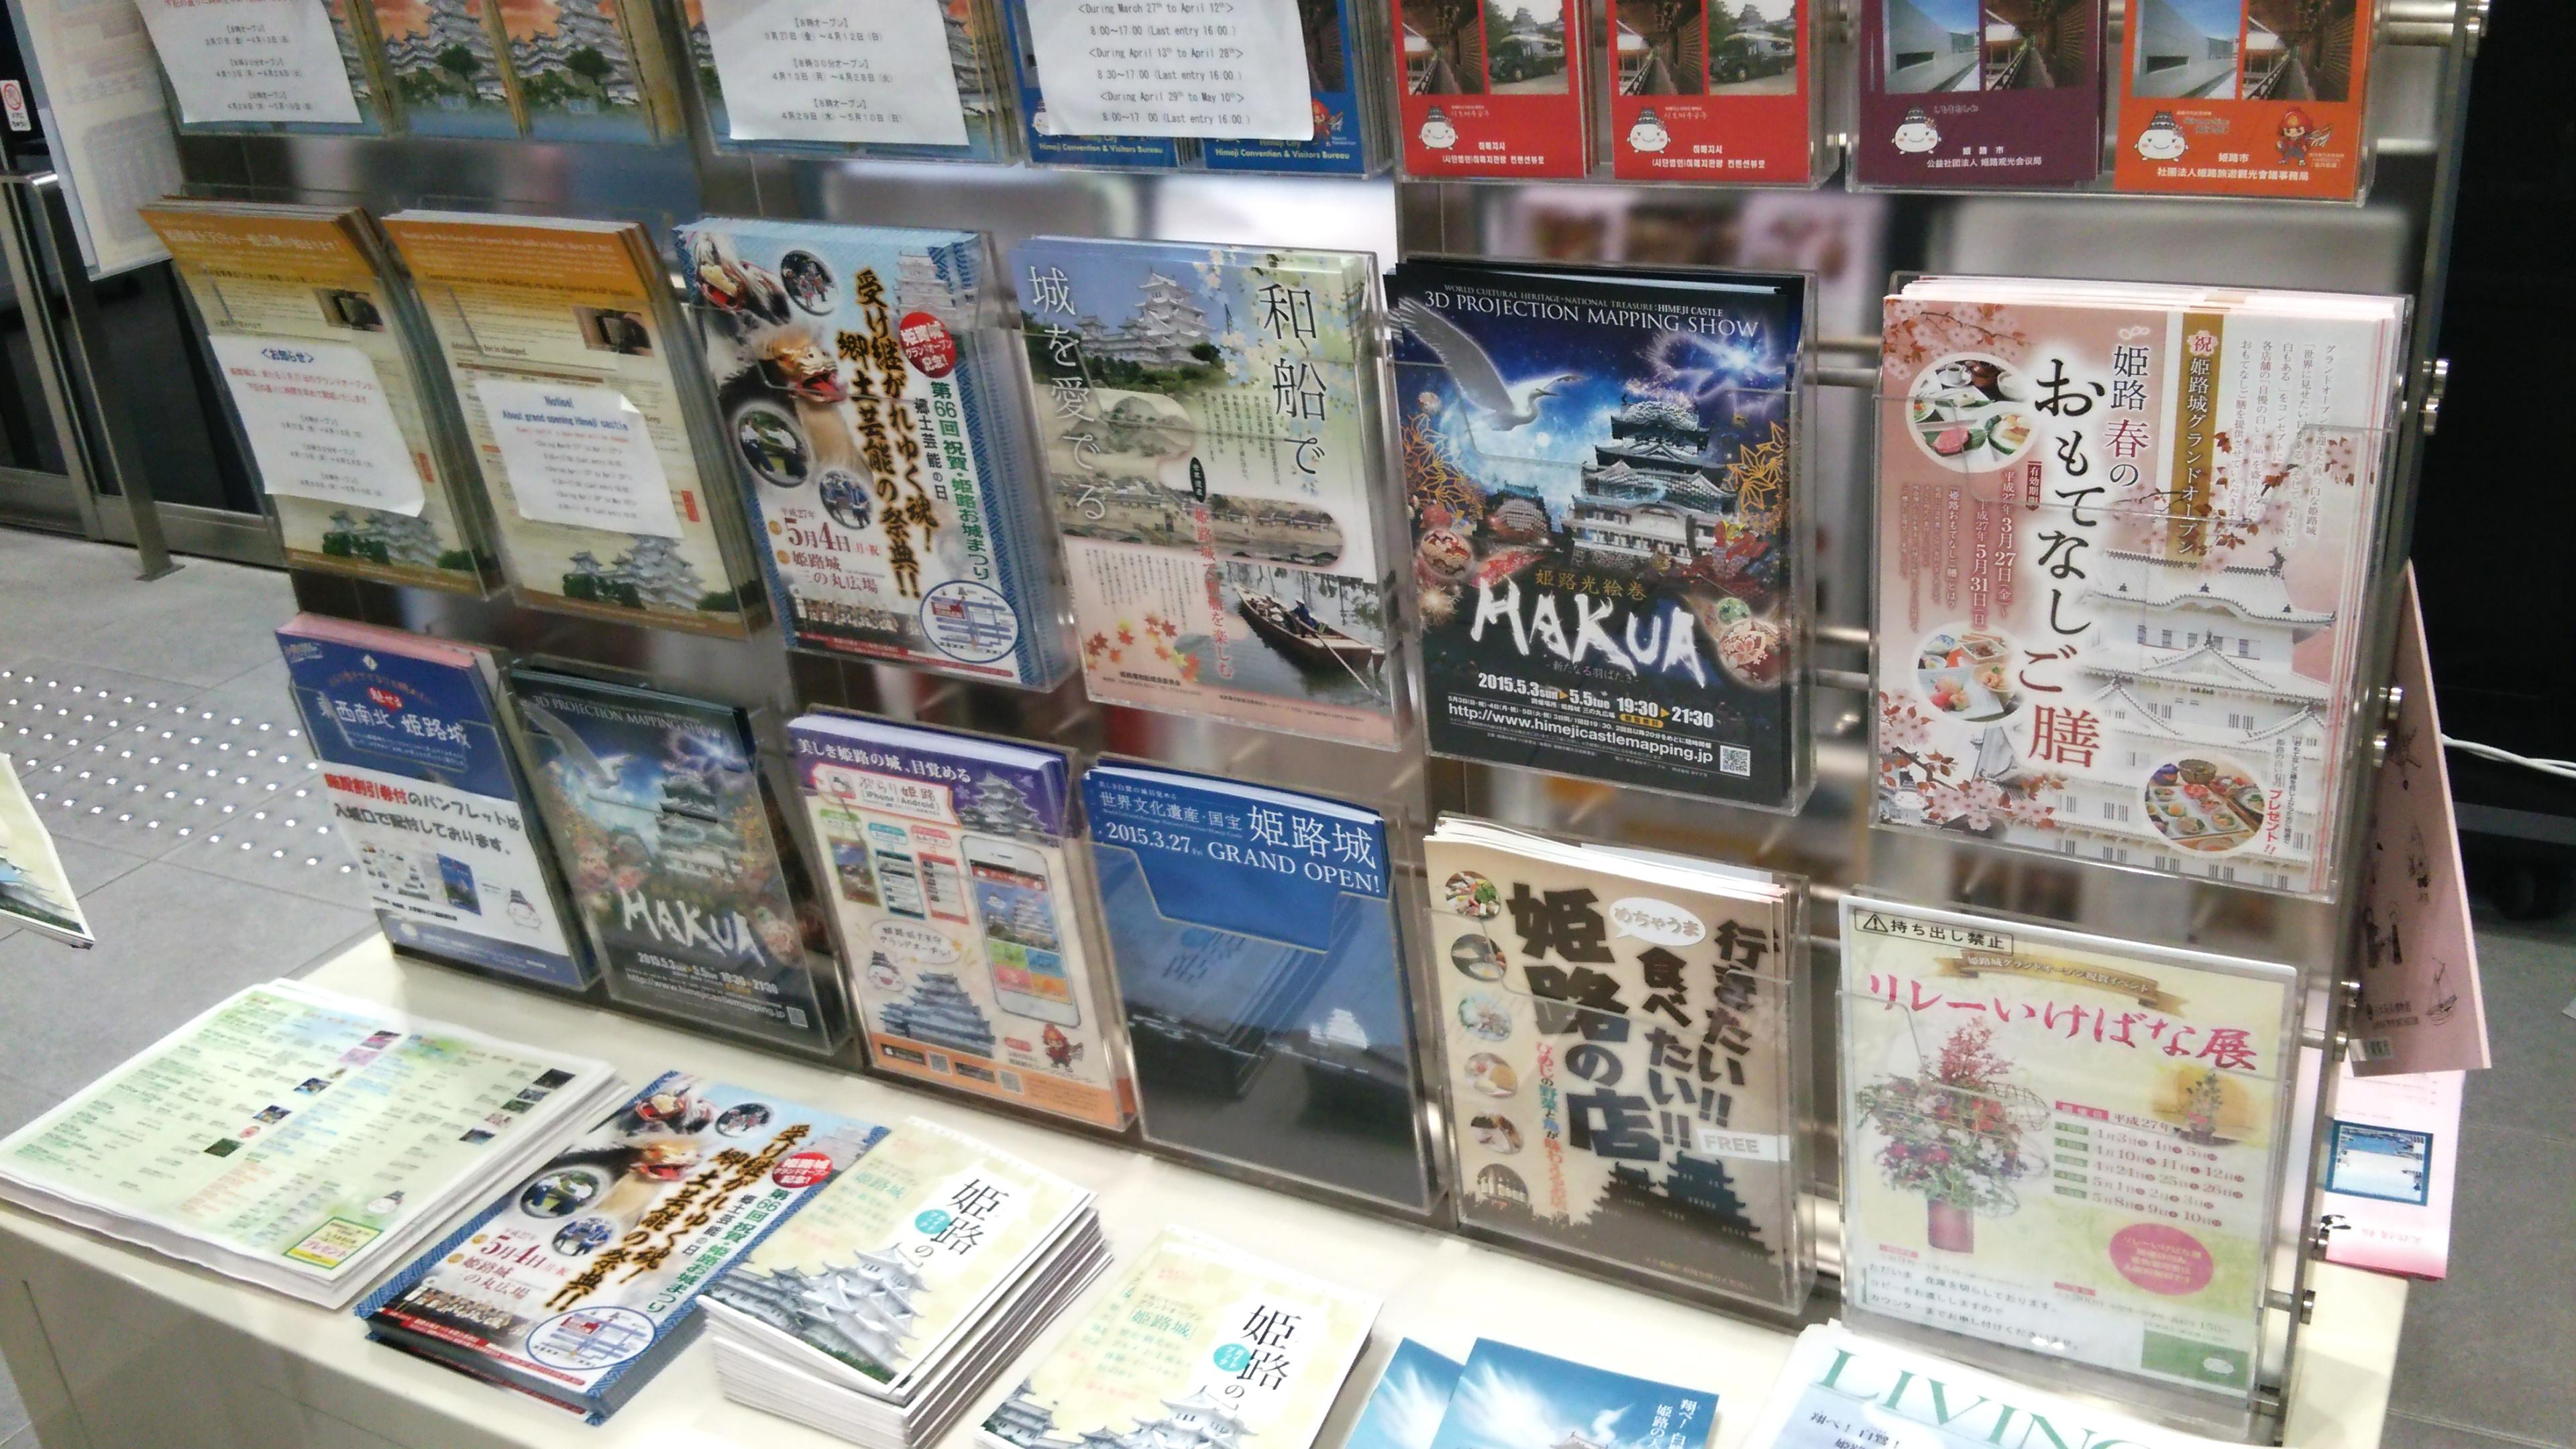 姫路観光案内所のパンフレット